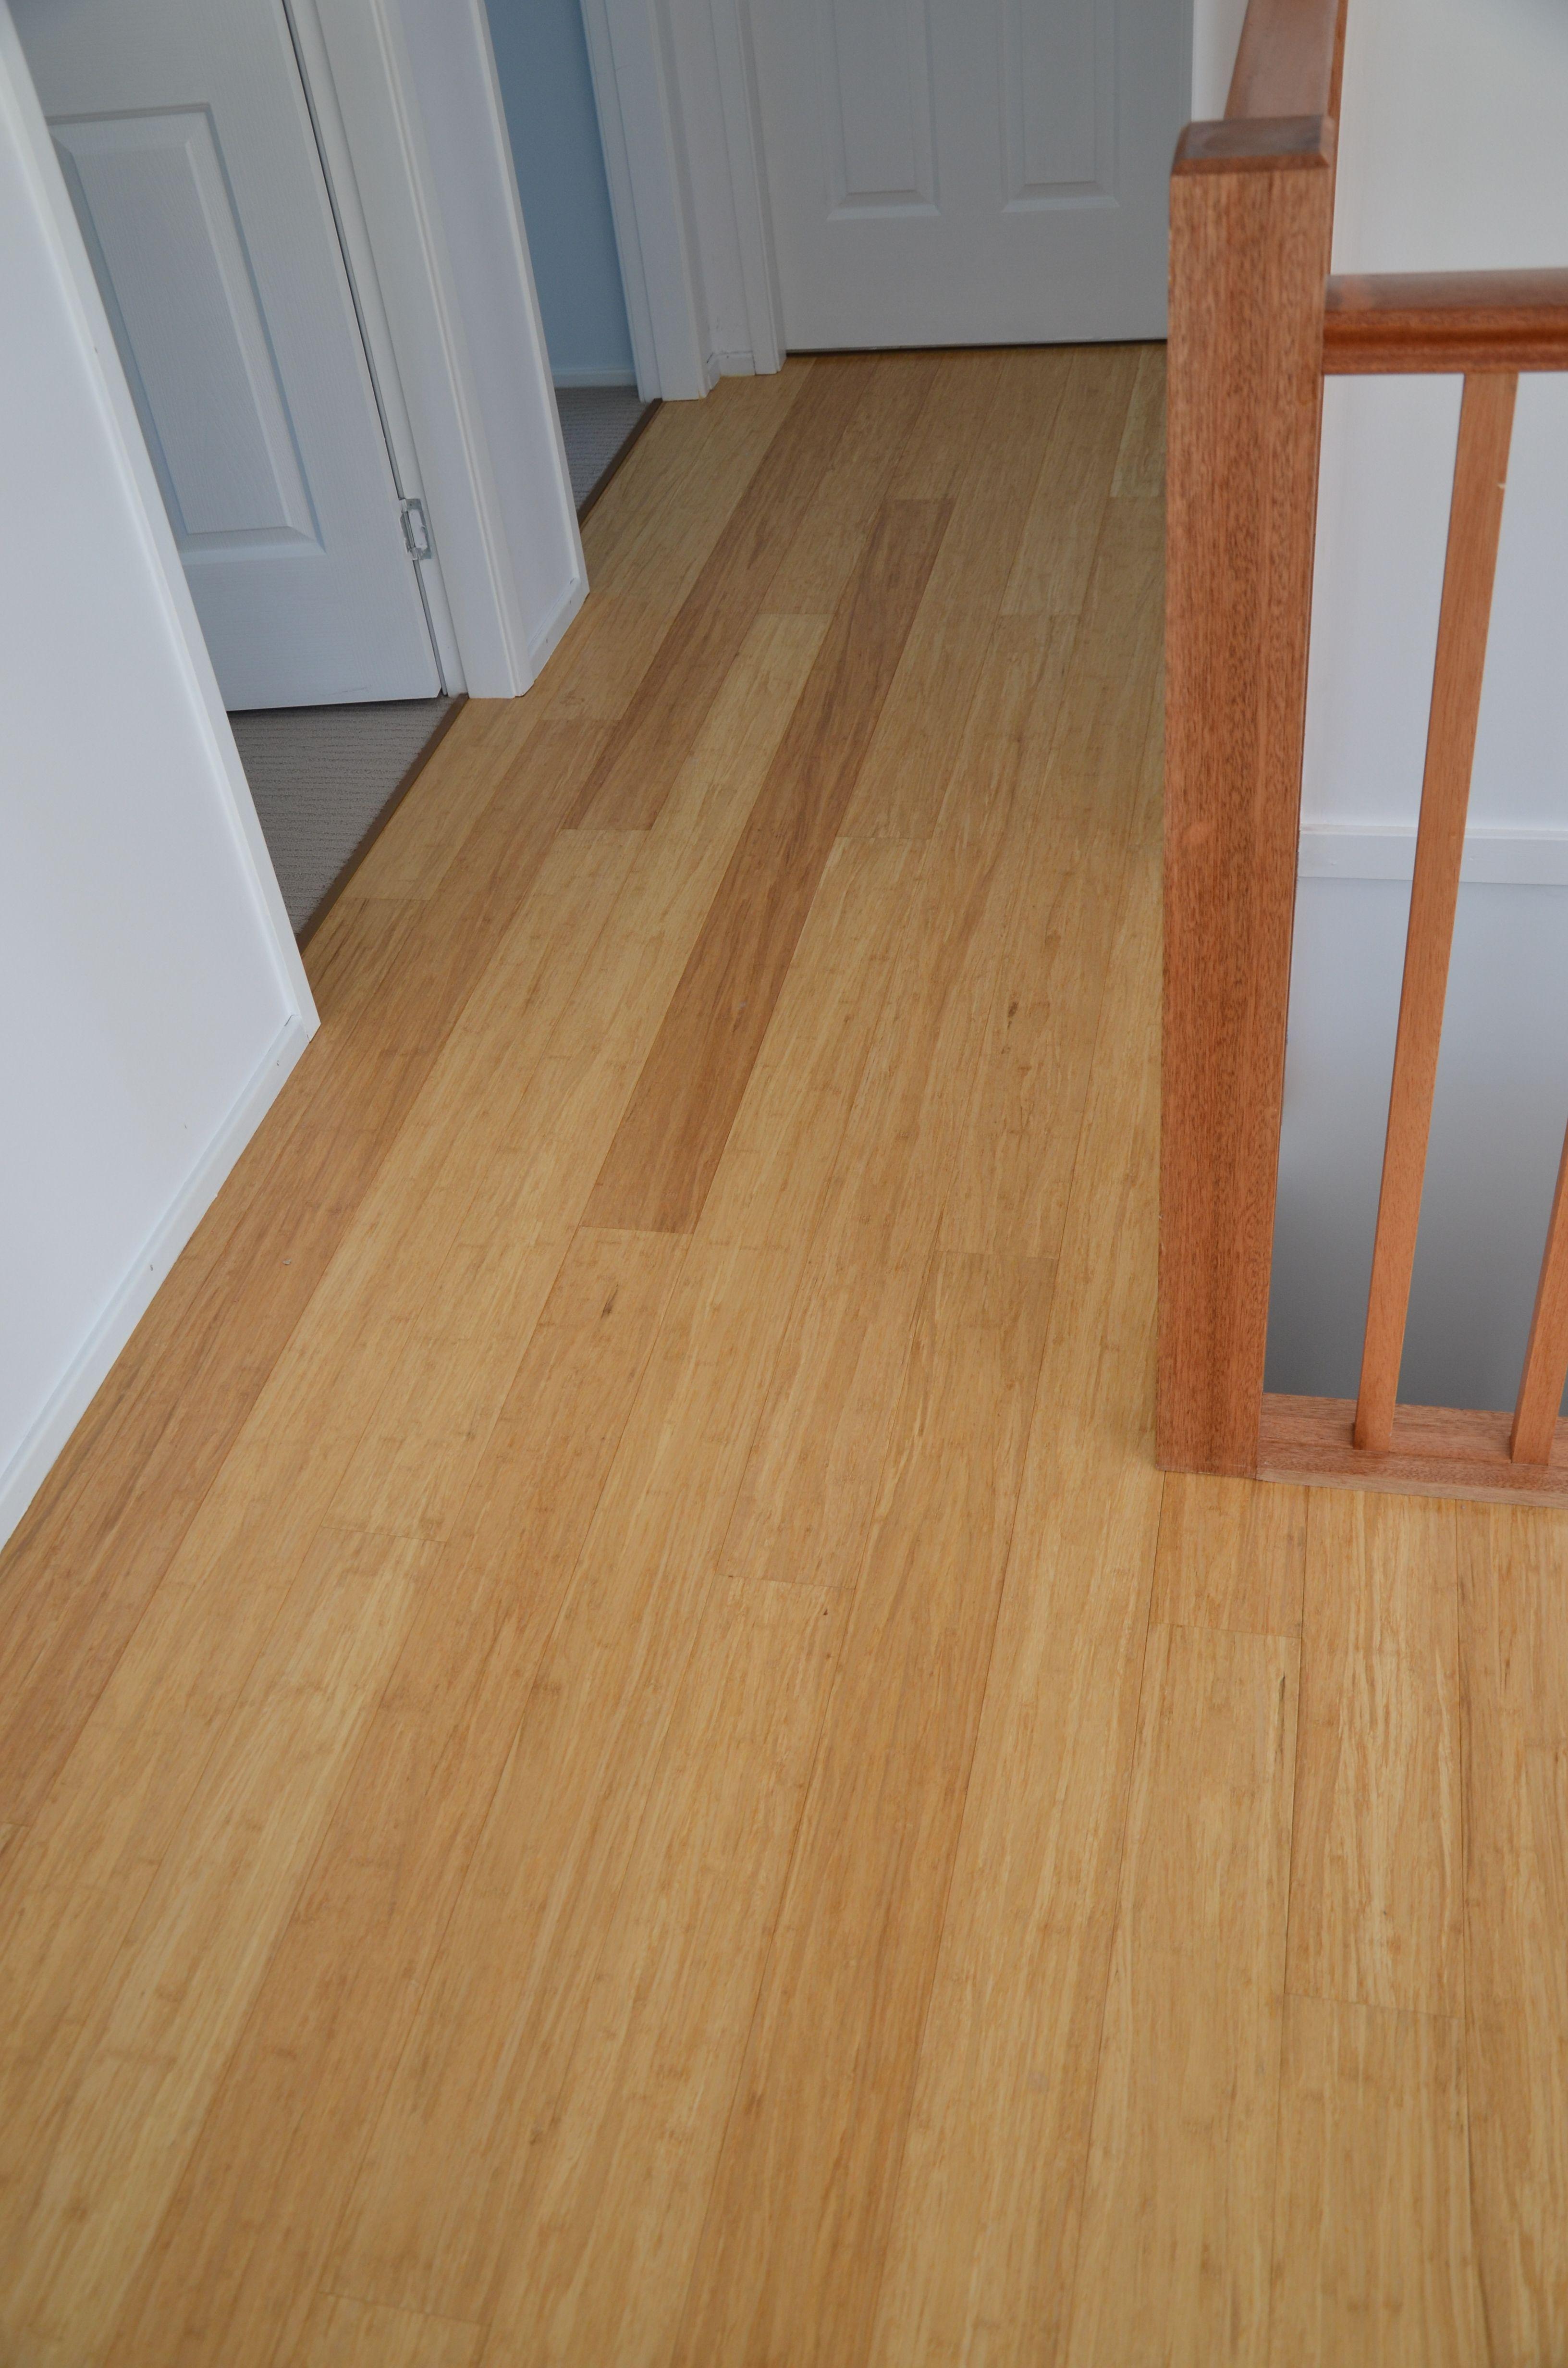 Naturally Bamboo Flooring Natural Bamboo Flooring